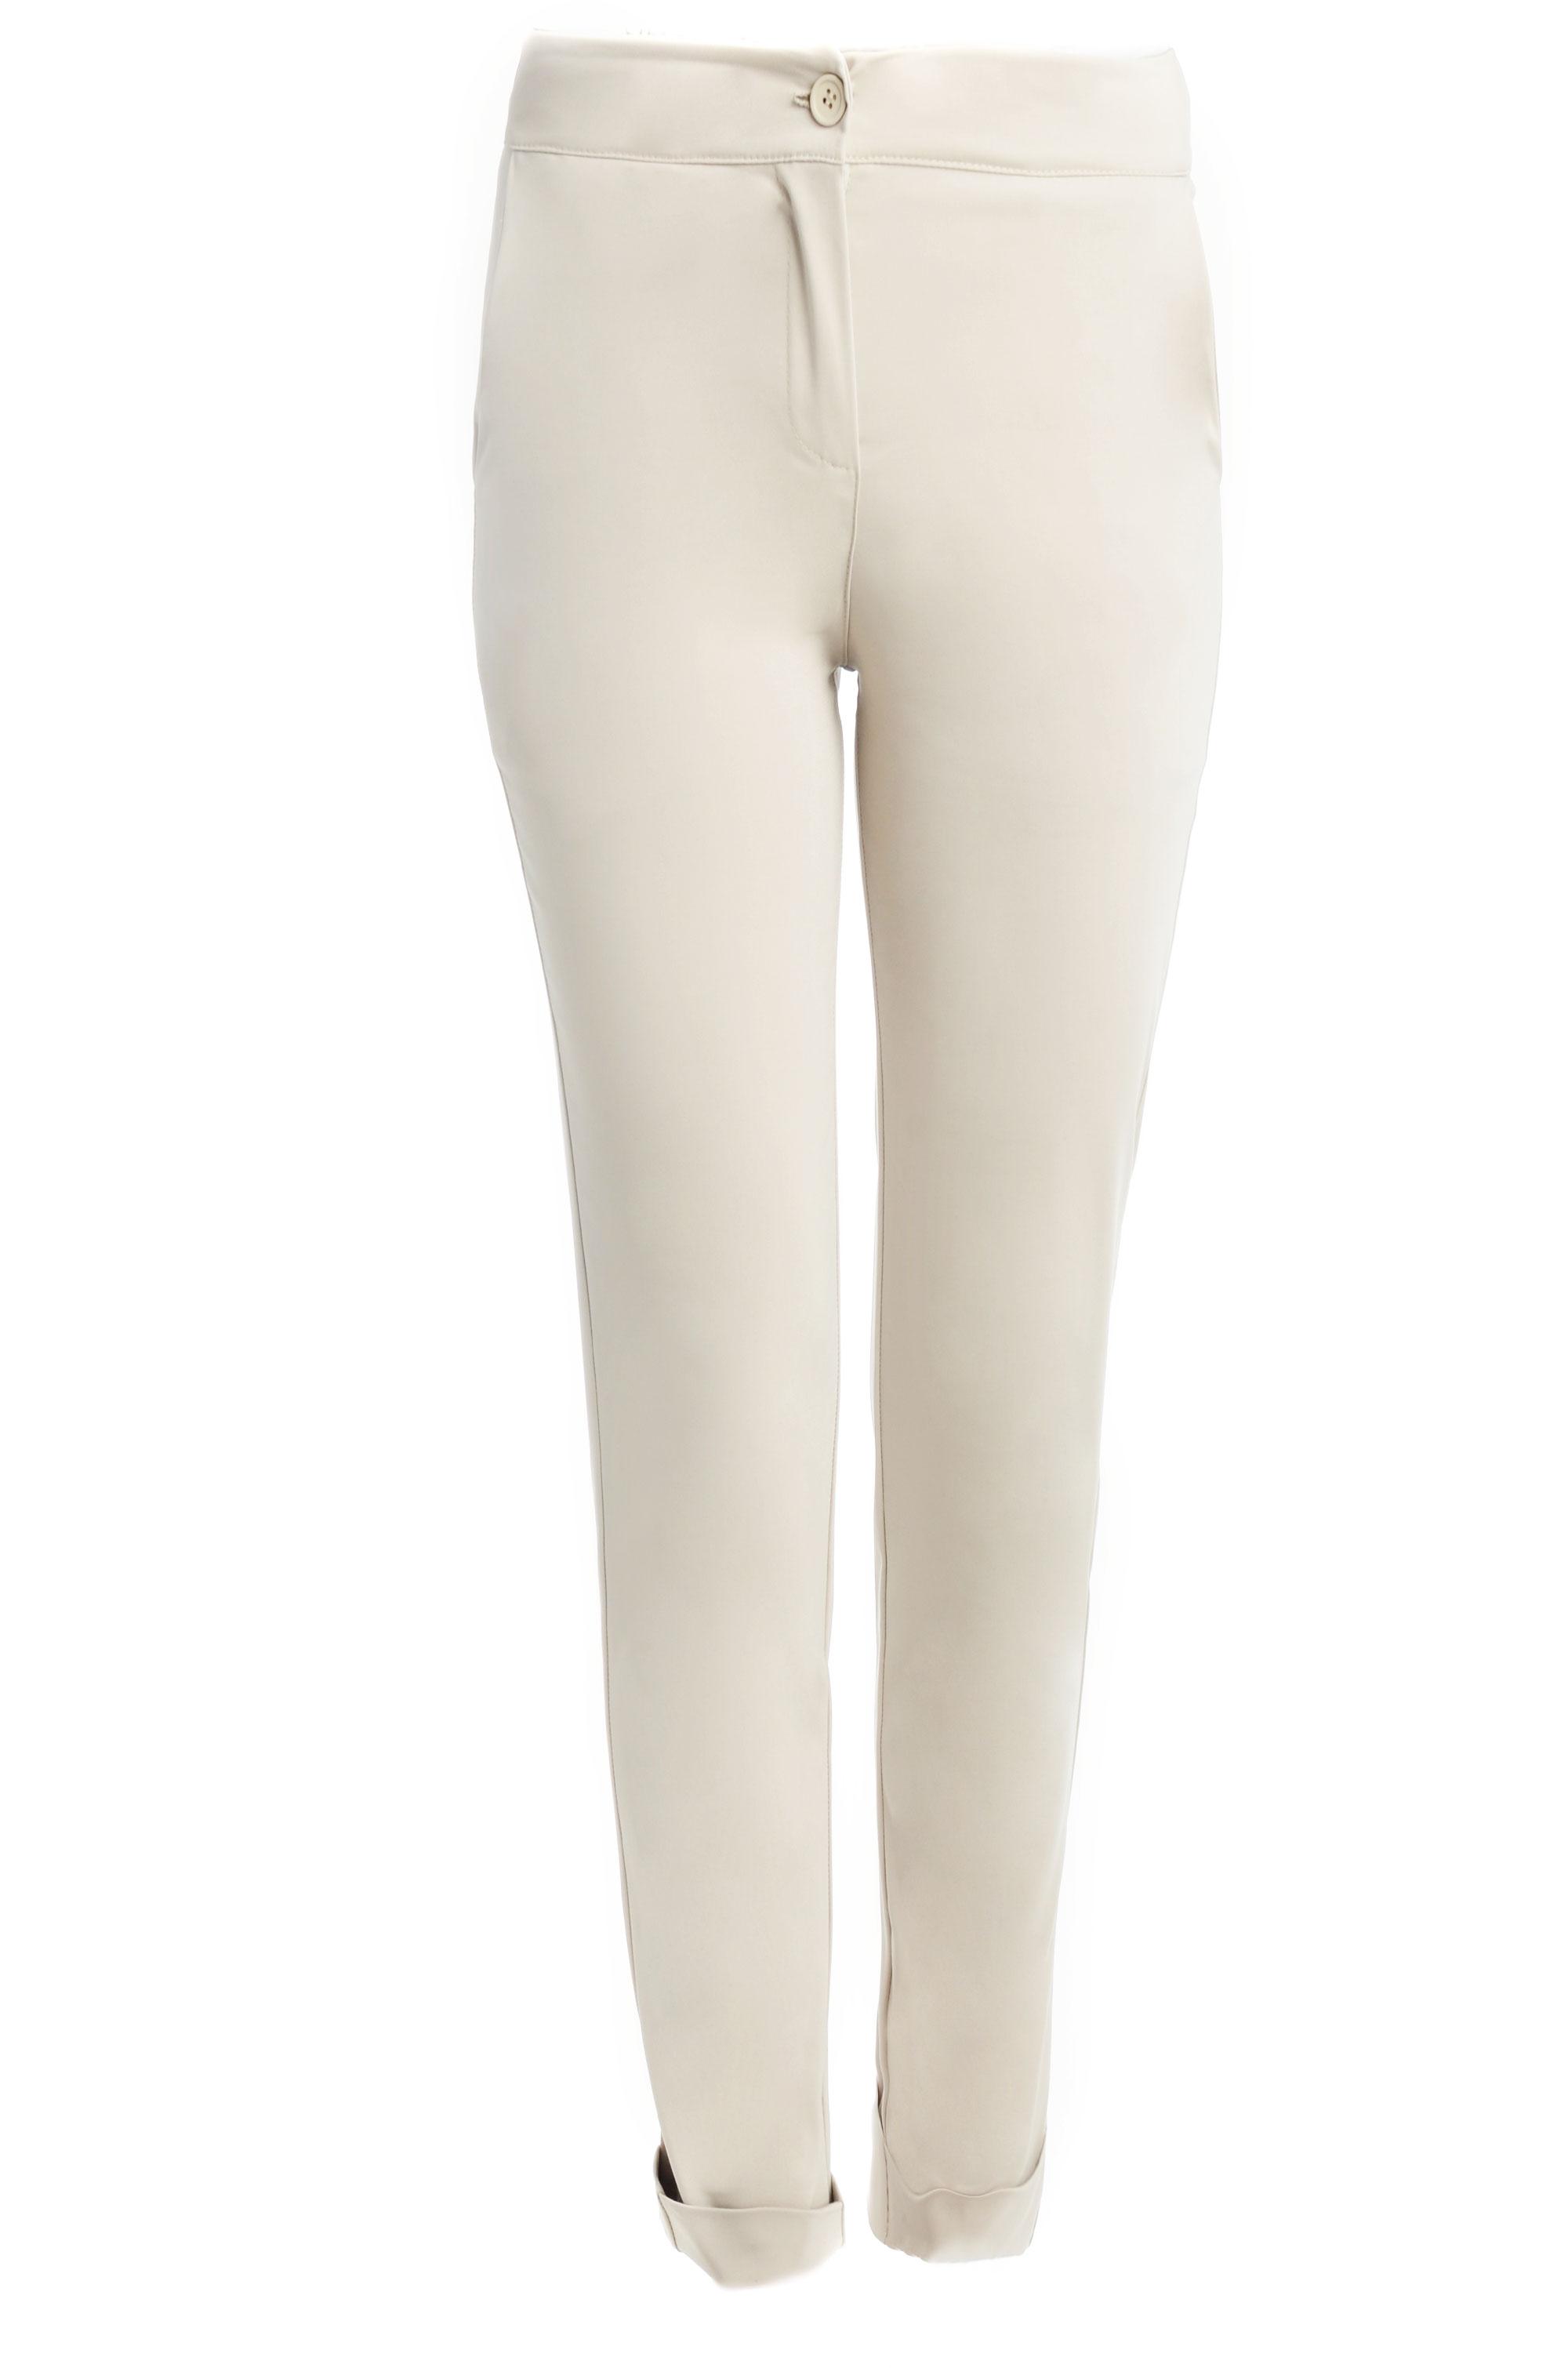 Spodnie - 16-J360 BEIGE - Unisono